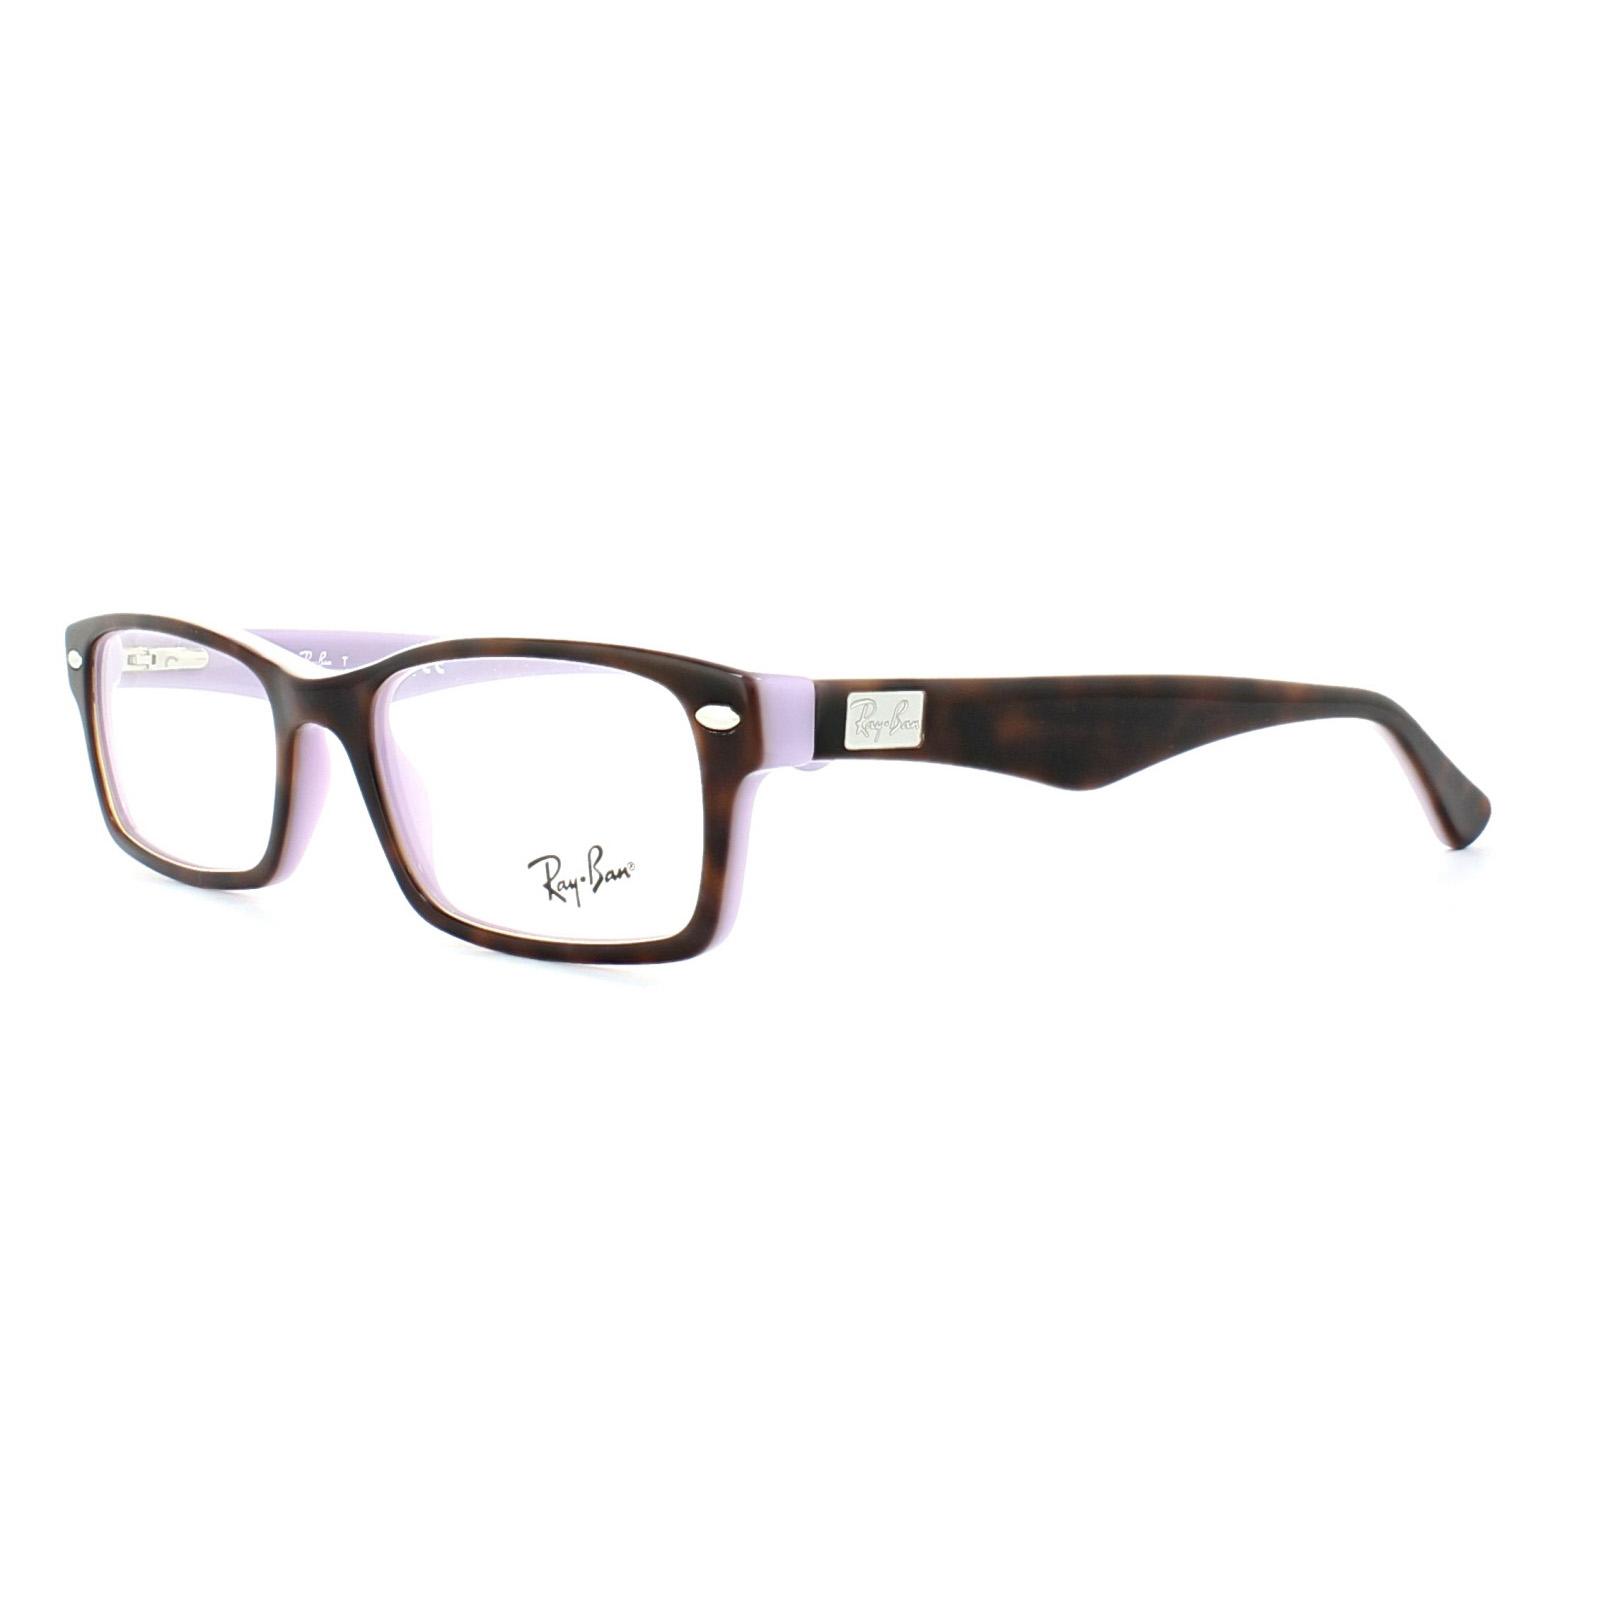 3394b04073c ... eyeglasses d0afe dd27c  wholesale sentinel ray ban glasses frames 5206  5240 havana on opal violet 52mm 9c113 49d59